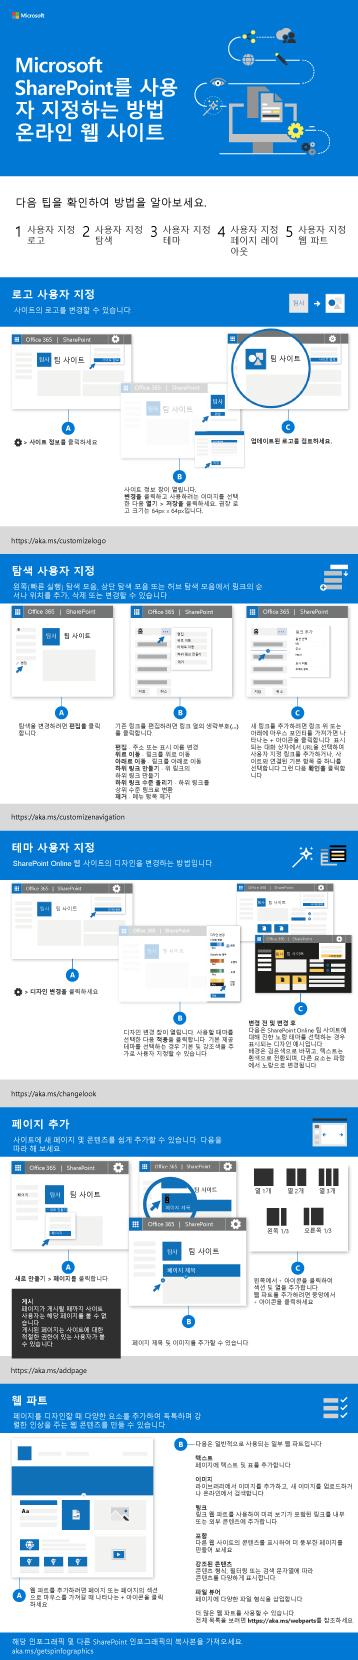 SharePoint 사이트 사용자 지정